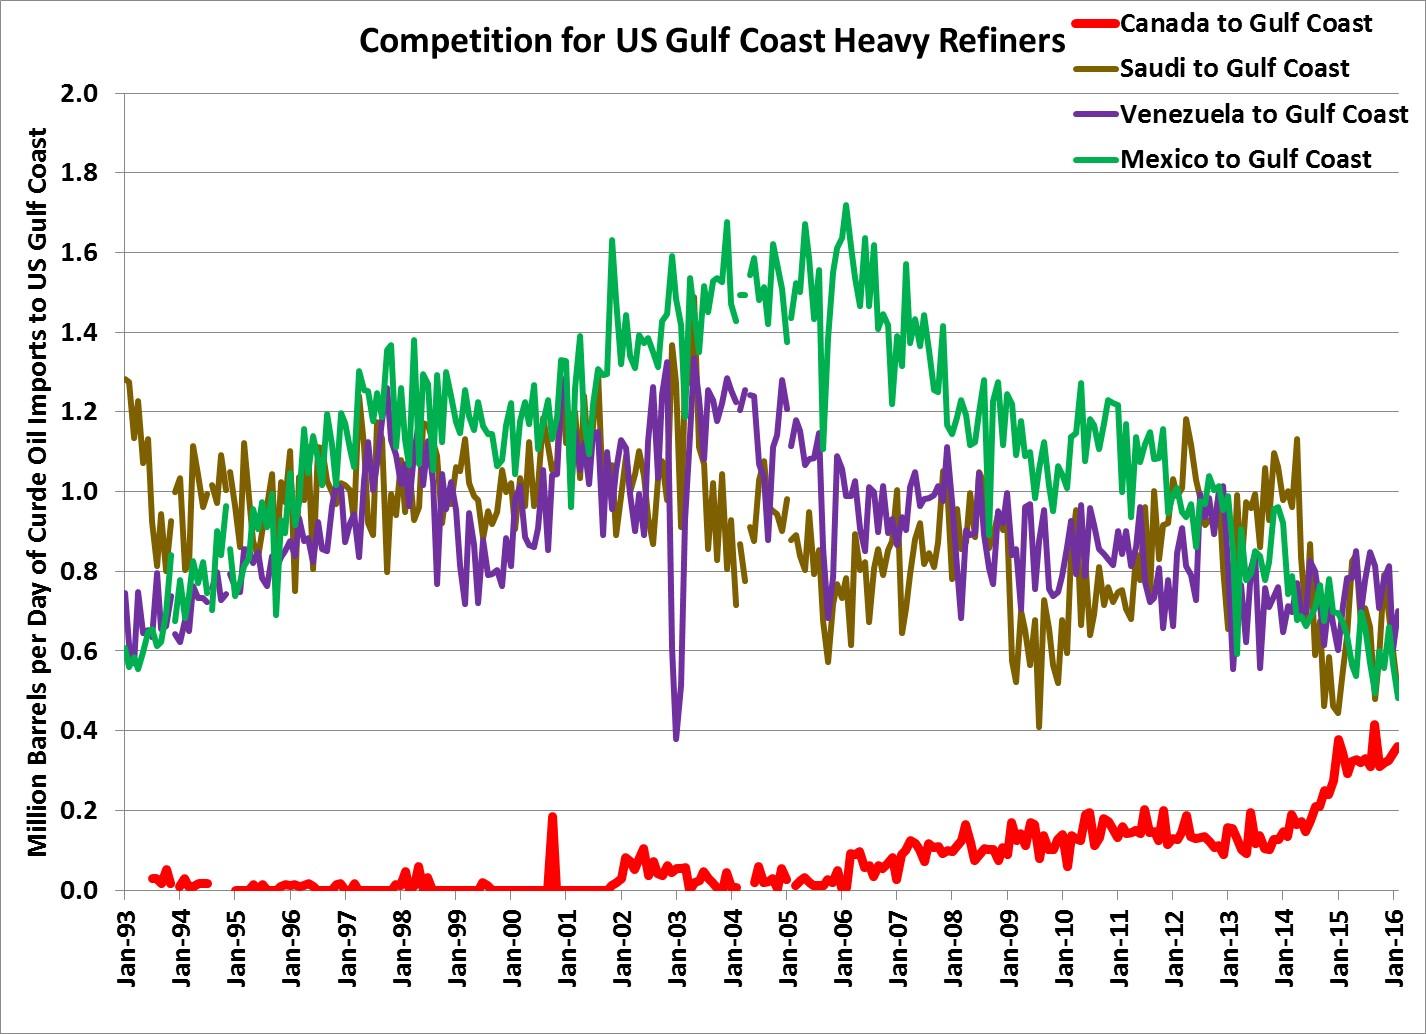 US Gulf Refine